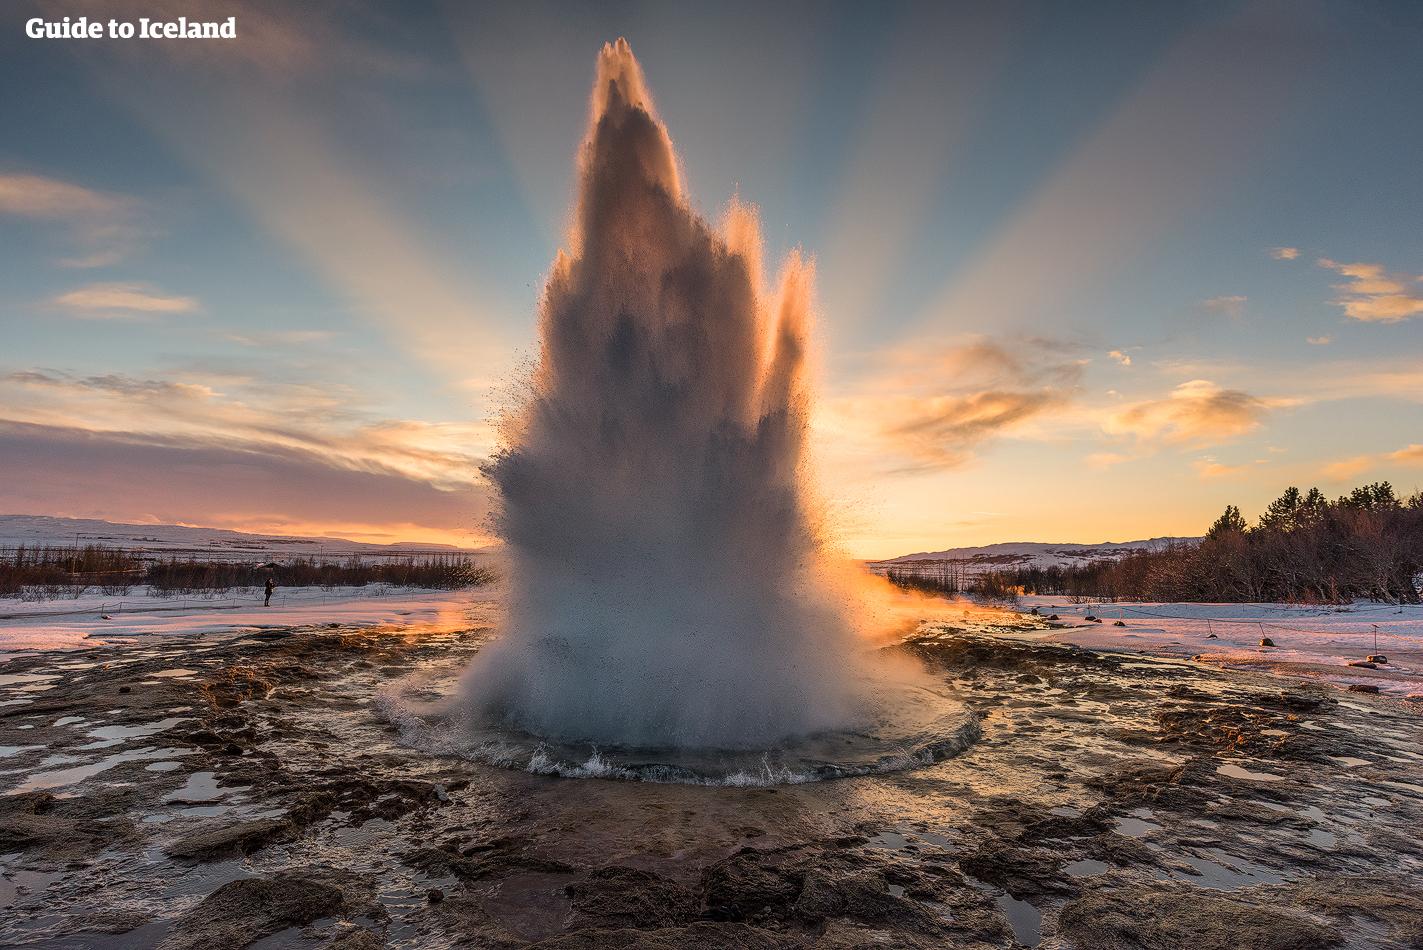 冰岛的天气和四季   最佳旅行季节